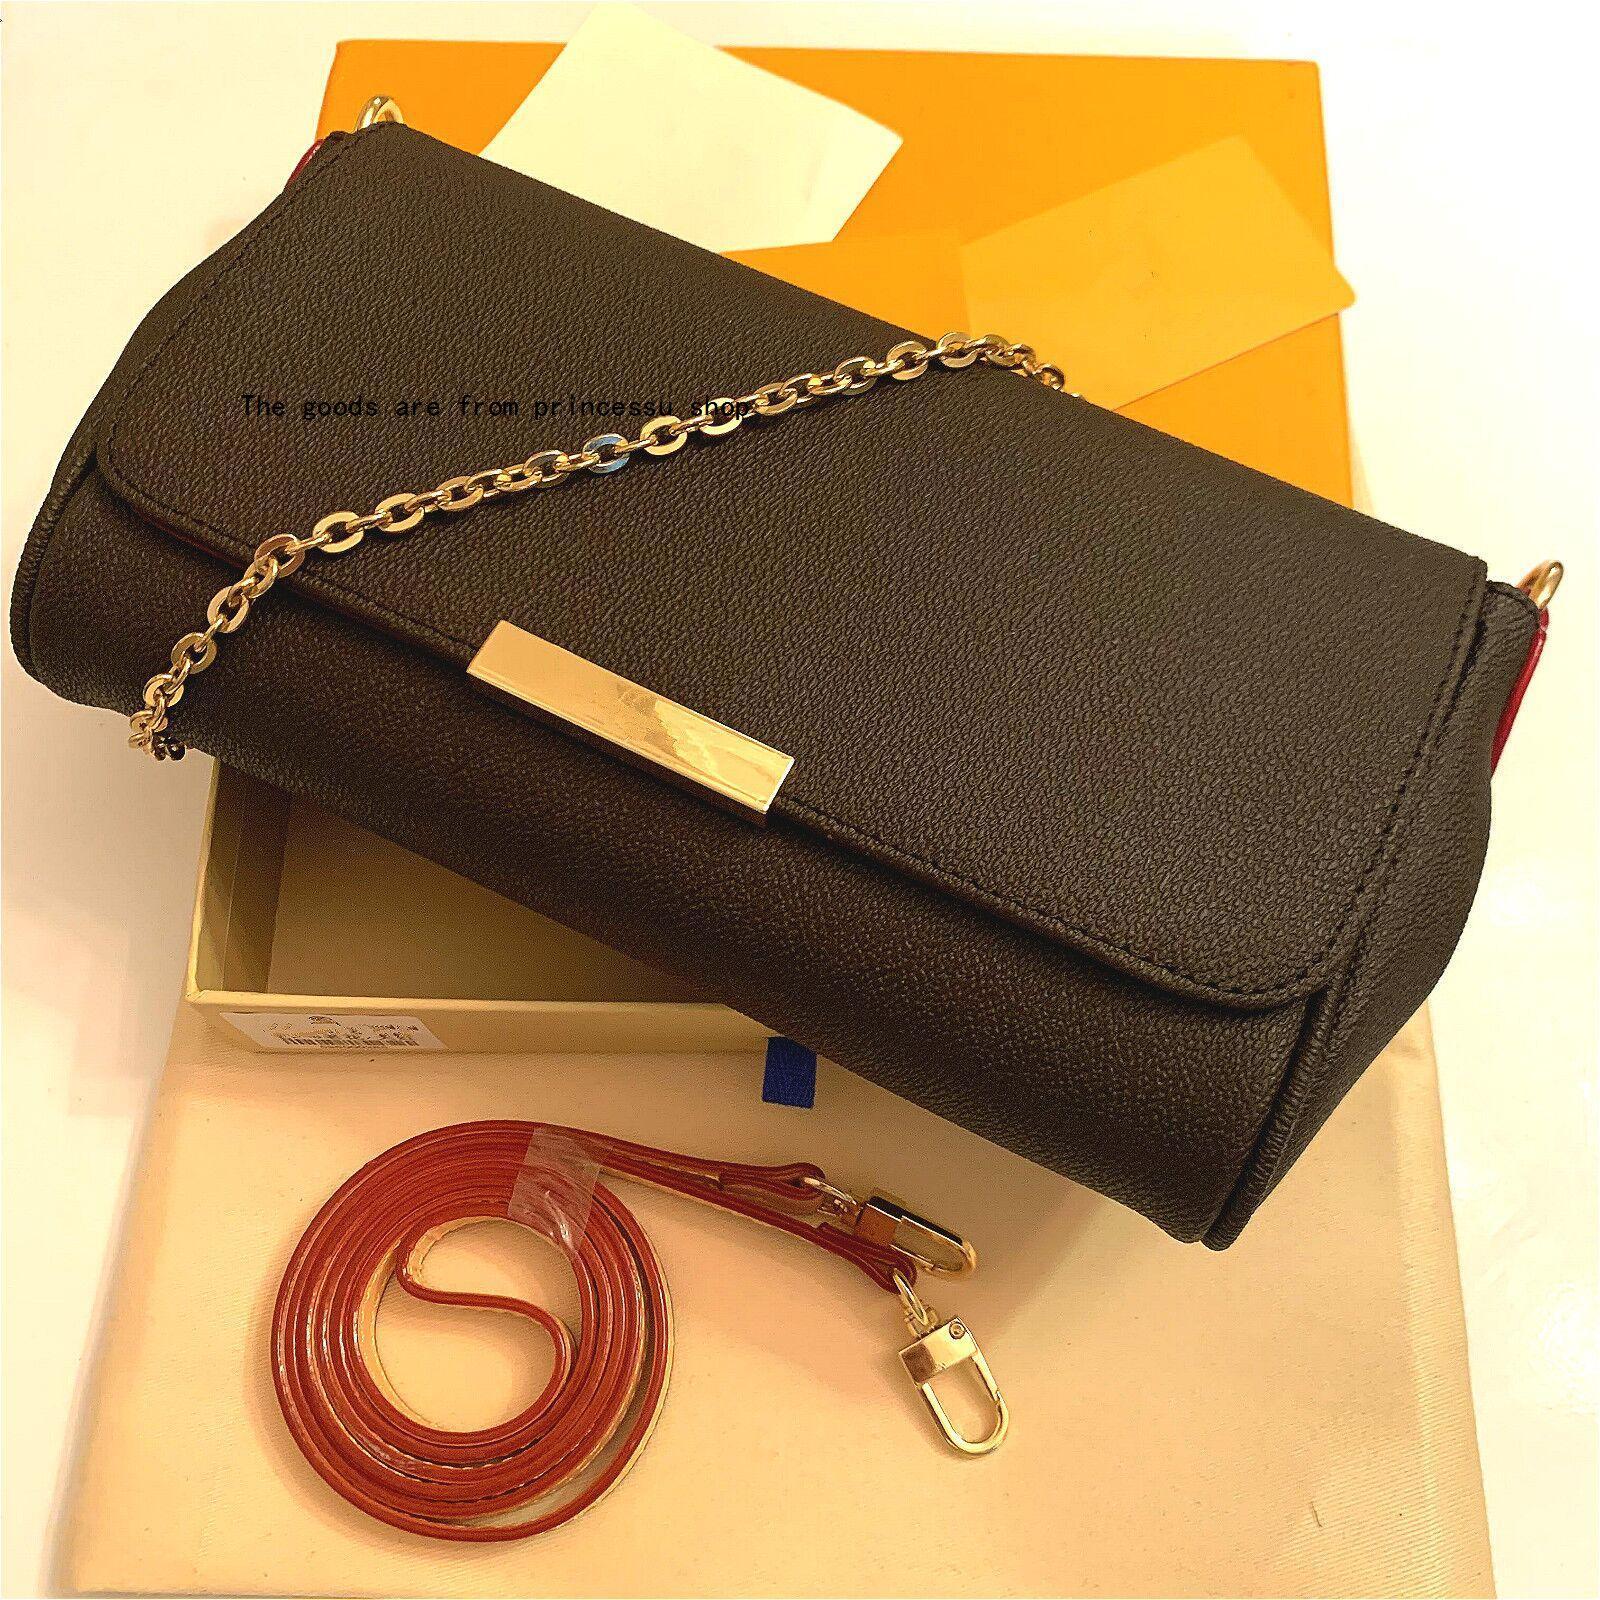 Mens Ekvid Schulter Luxurys Männer Rucksack Tasche Qynf Crossbody Messenger Womens Handtaschen Tasche Designer Dame Taschen Totes Brieftasche Geldbörse Fashio Bvim